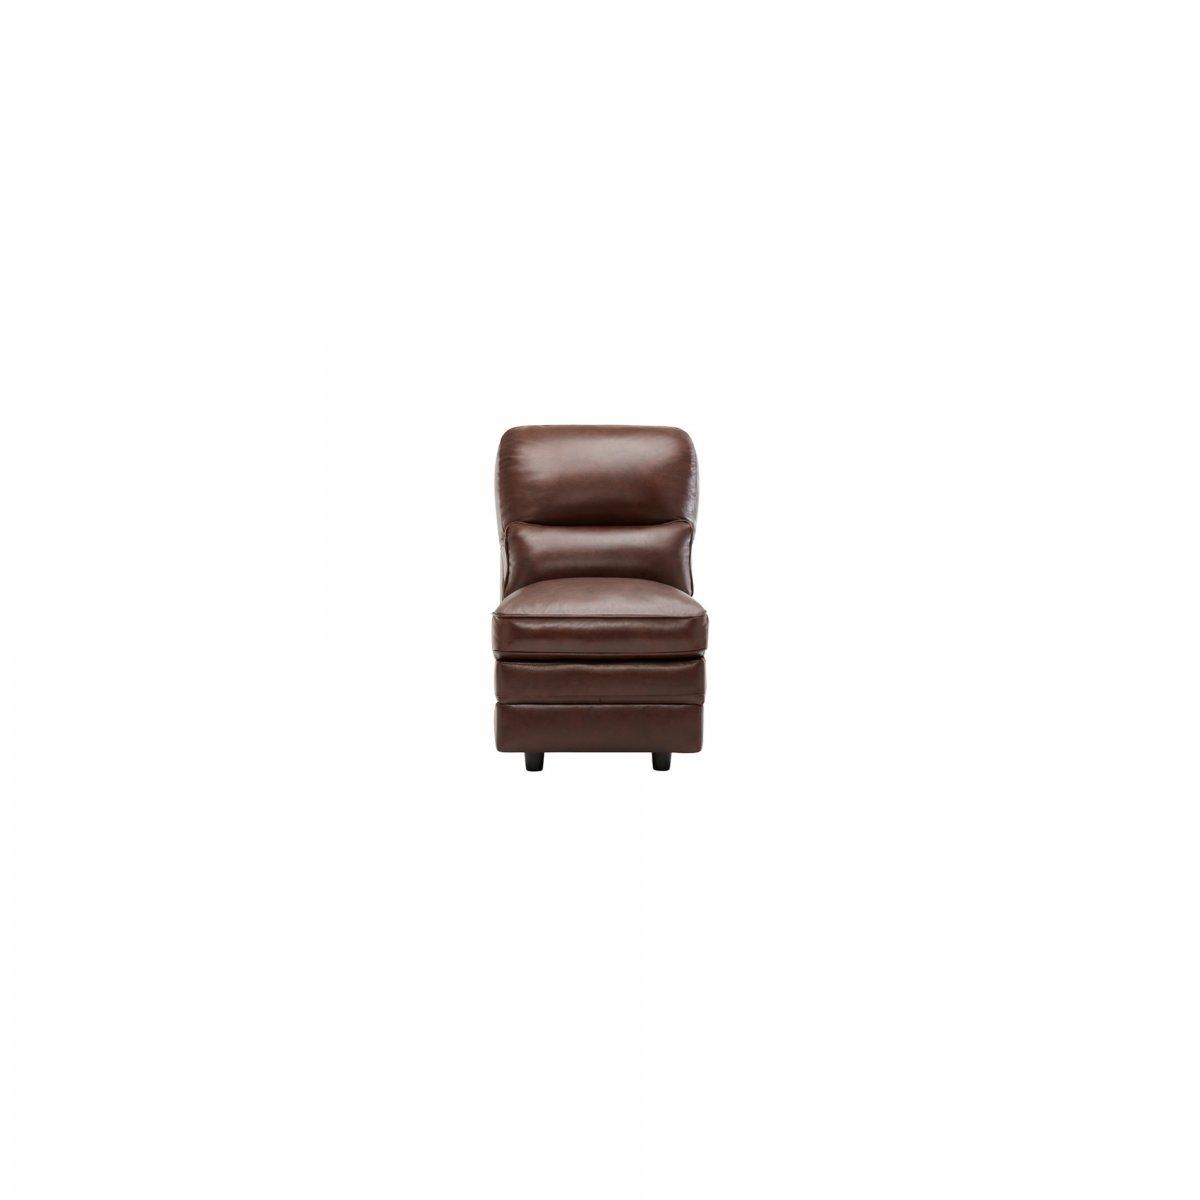 Modena Modular Sofas Group 2 2 Tone Brown Leather